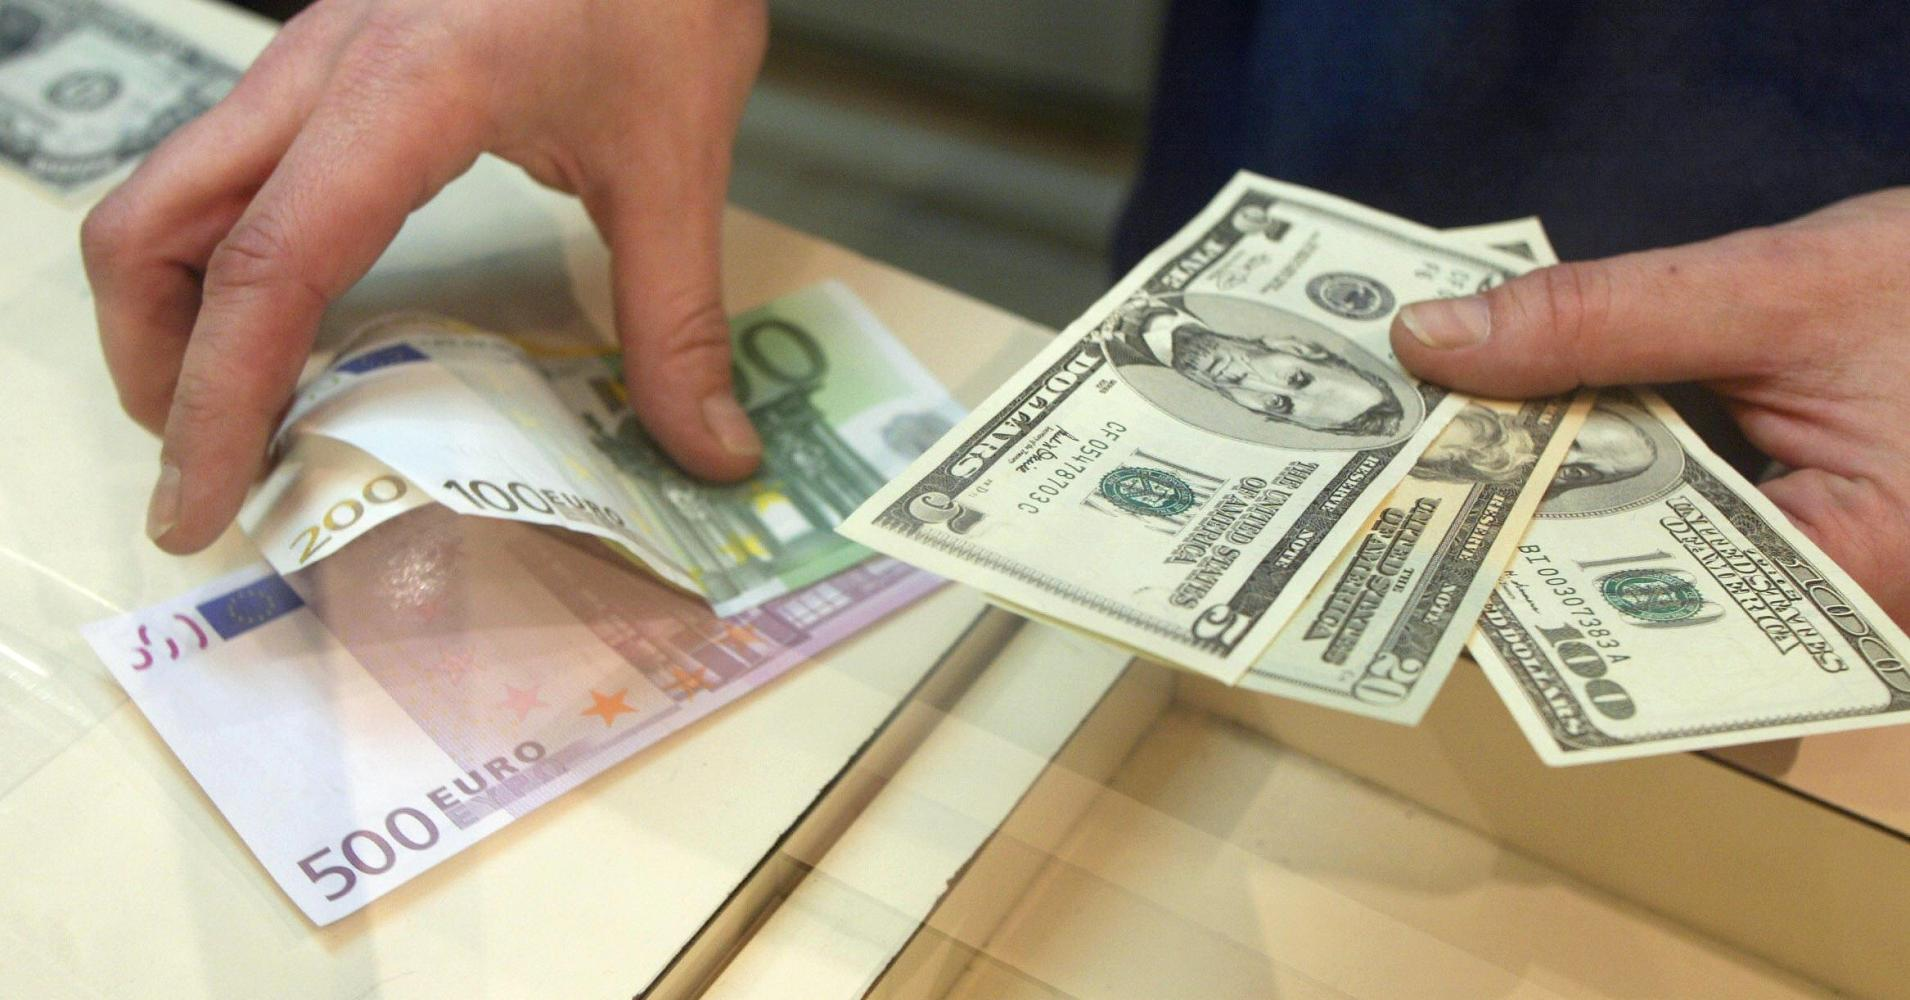 نرخ رسمی یورو در بانک مرکزی کاهش و پوند افزایش یافت/ قیمت دلار و یورو در صرافیهای مجاز و بانکی بازهم کاهش یافت